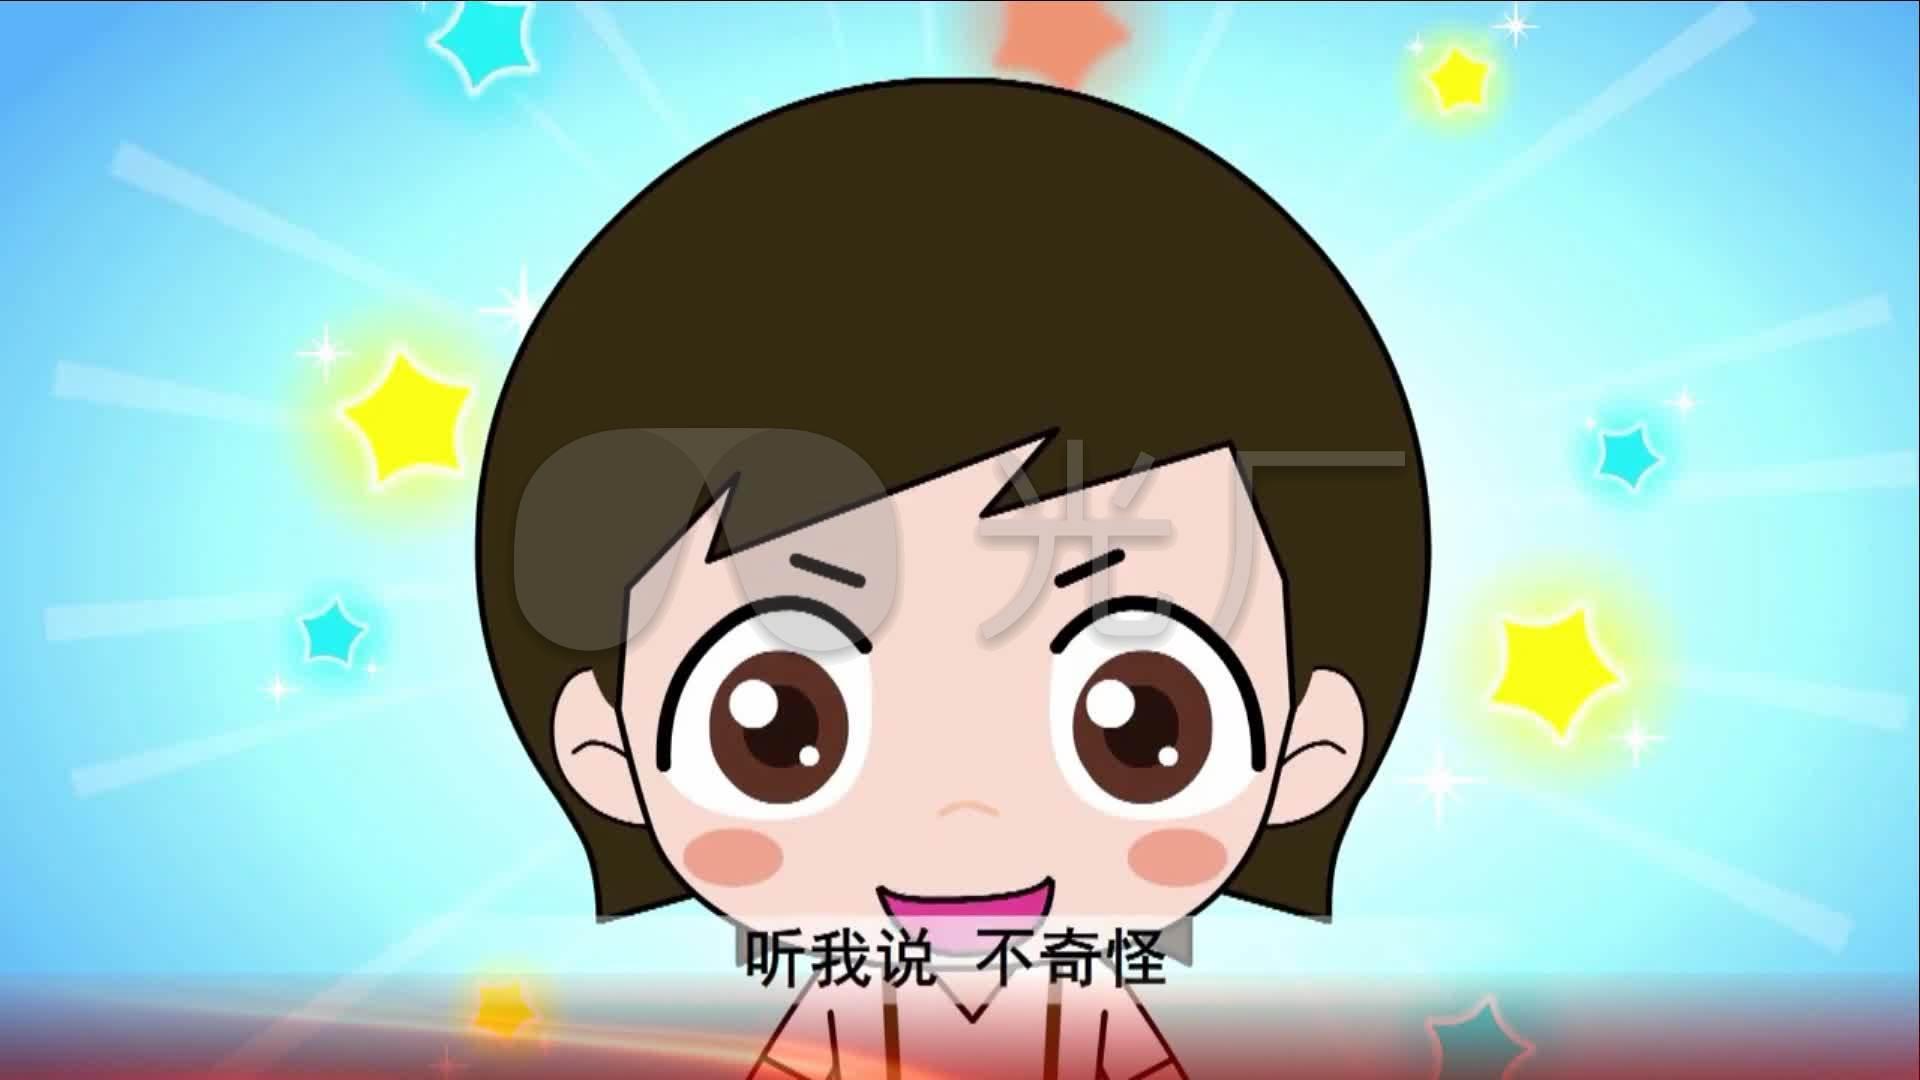 三轮车卡通视频高清视频_1920X1080_动画视儿歌大伊万图片